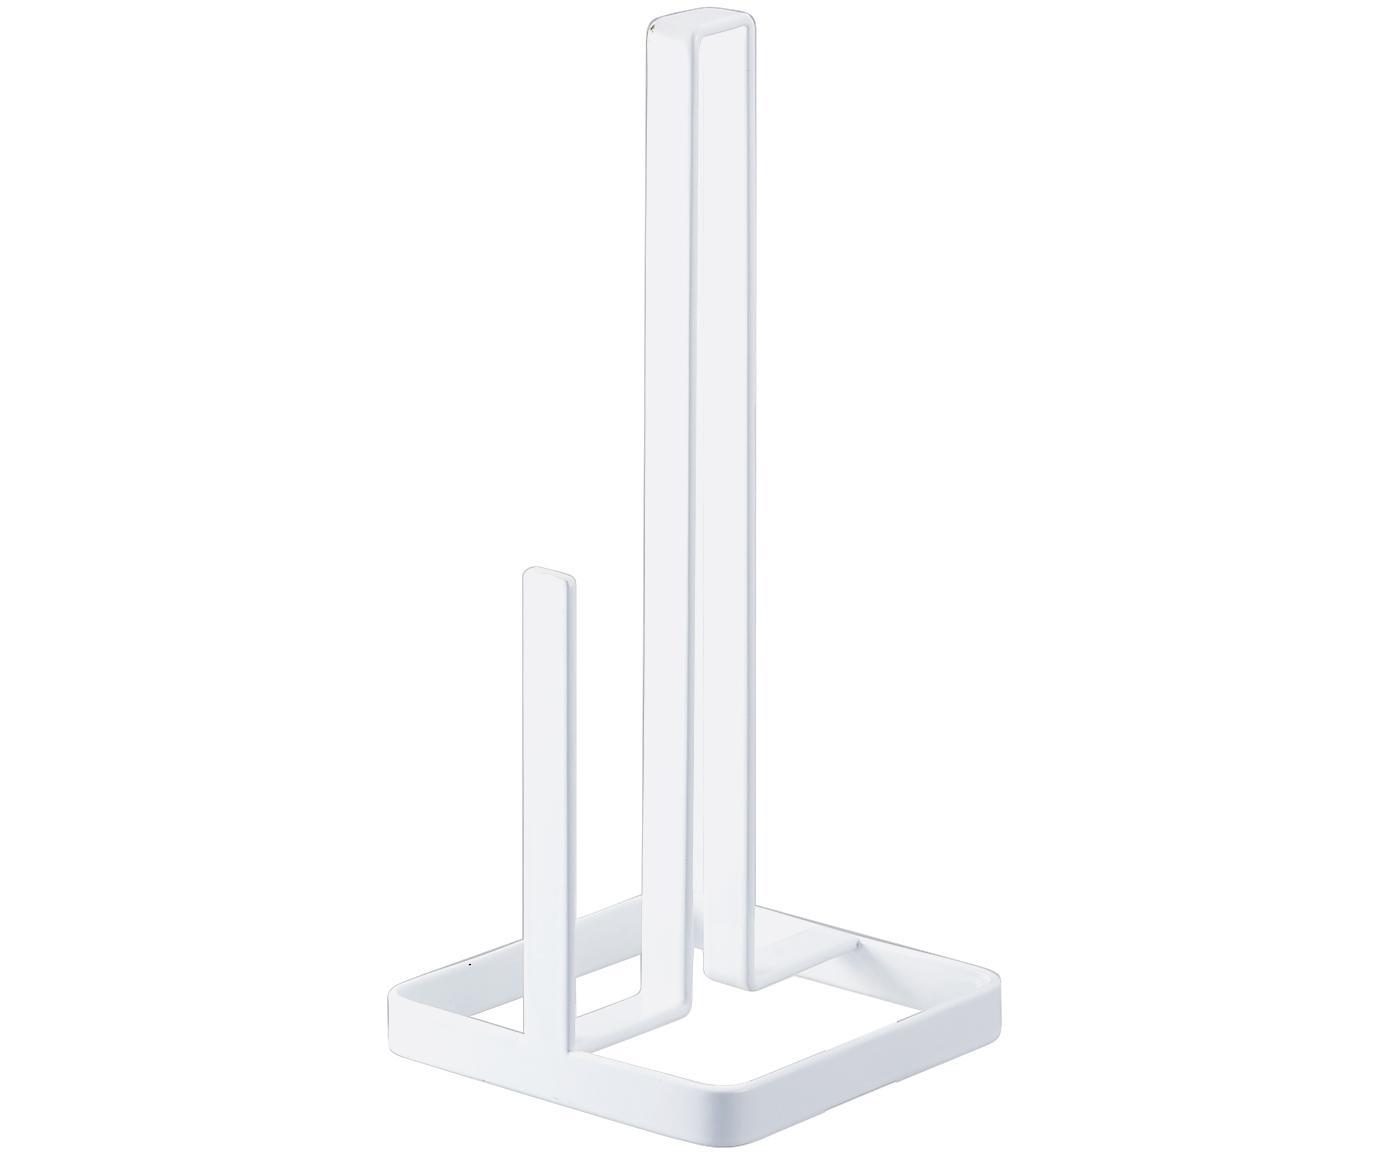 Stojak na ręczniki papierowe Tower, Stal powlekana, Biały, S 11 x W 27 cm